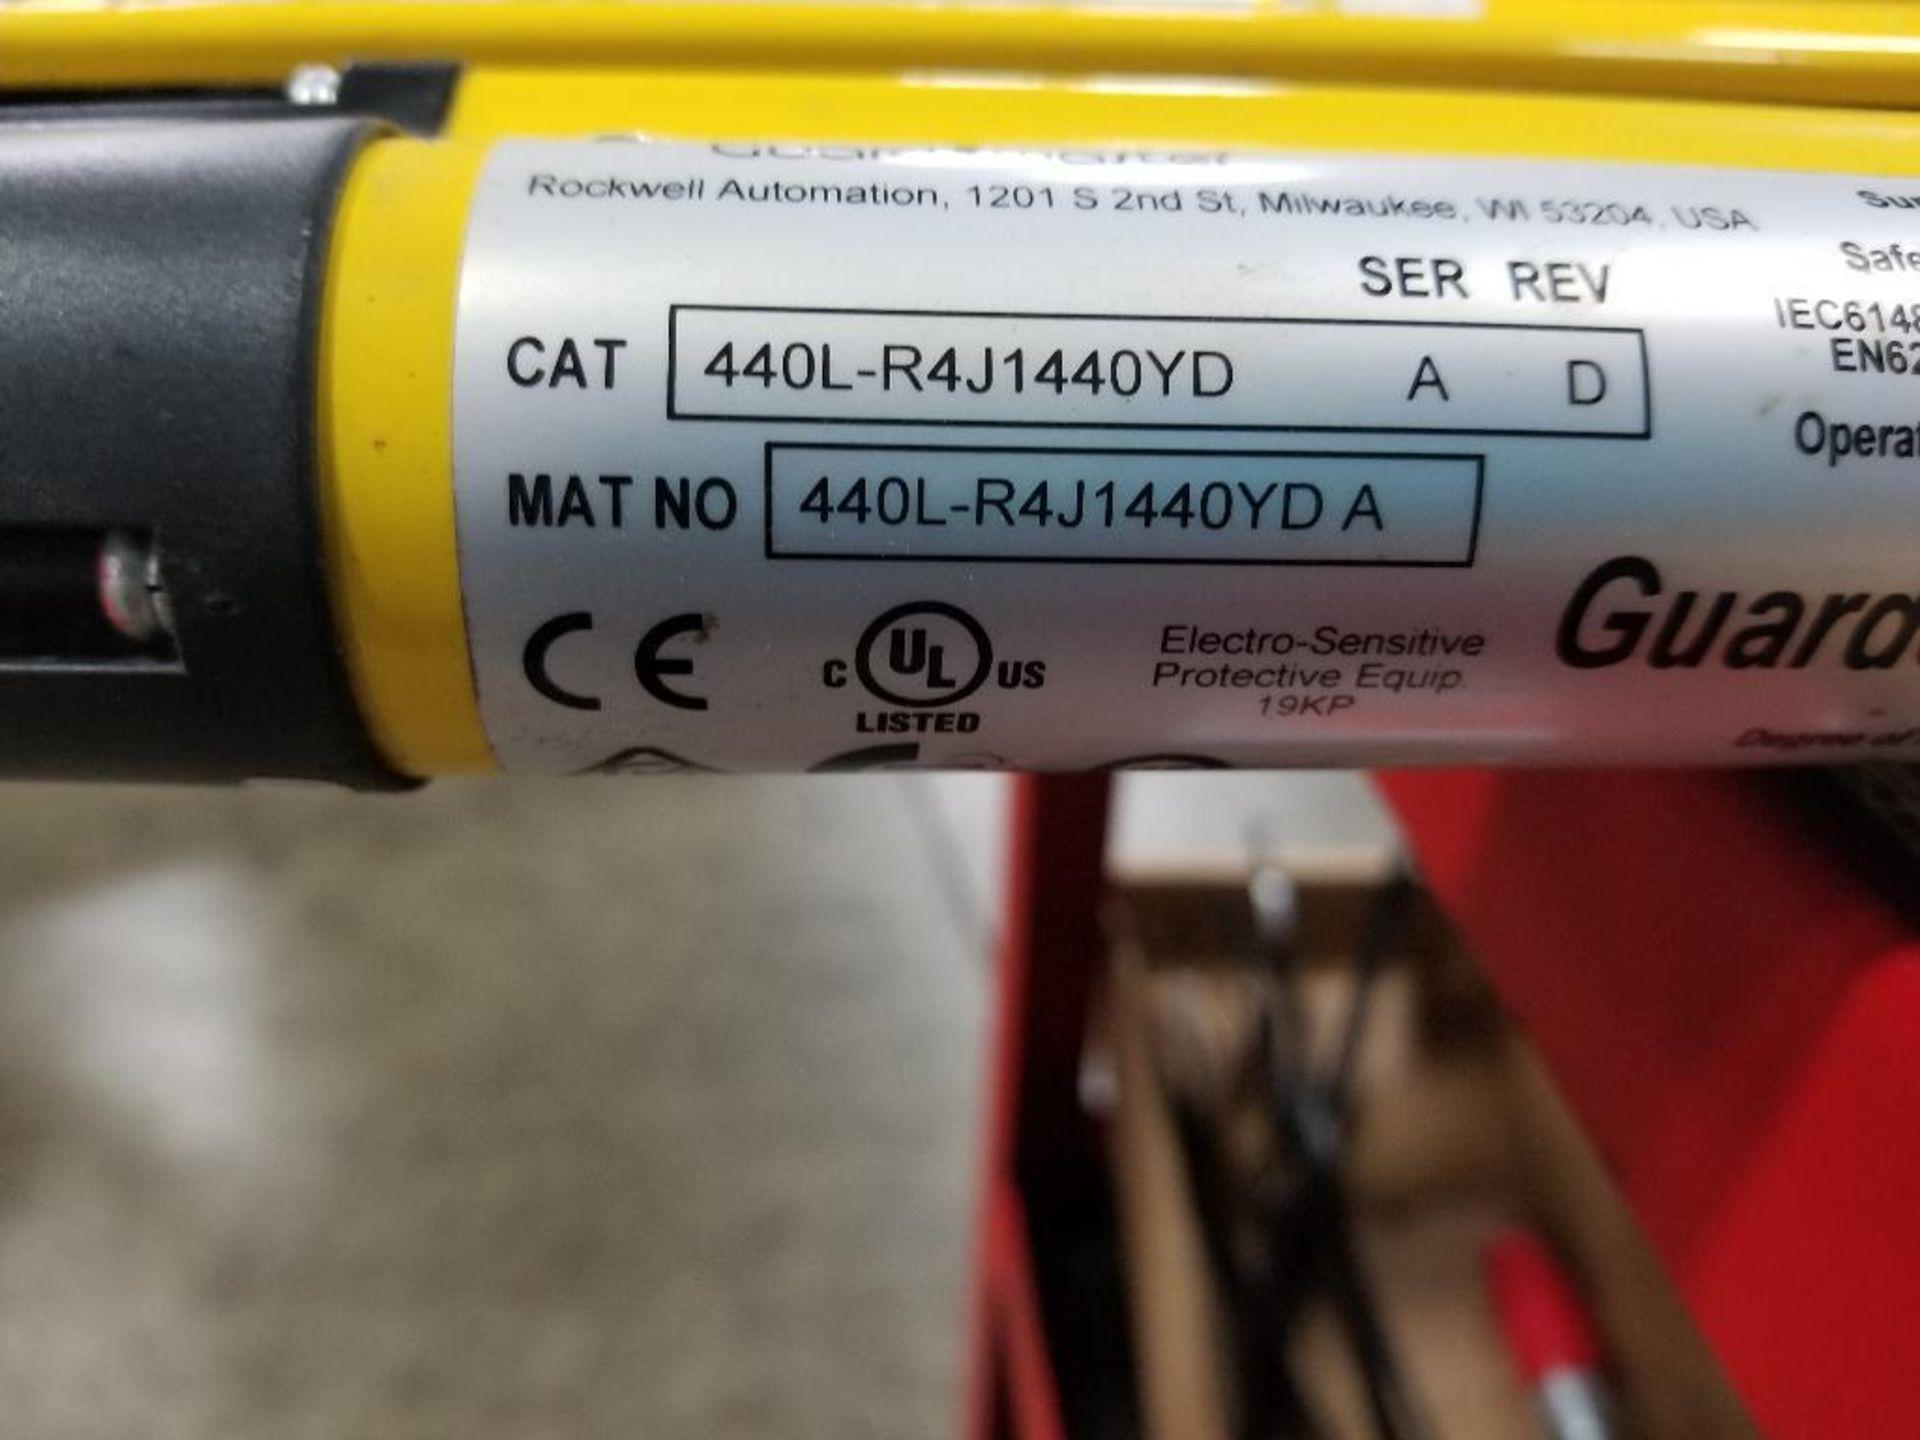 Allen Bradley Light curtain transmitter / receiver set. GuardMaster GuardShield T4J440YD 4K0AM1EF. - Image 21 of 23